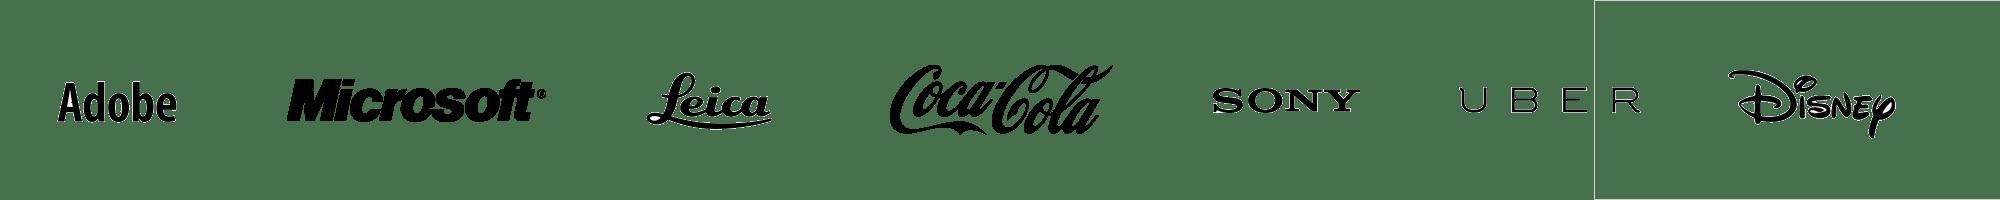 Les 5 différents types de logo